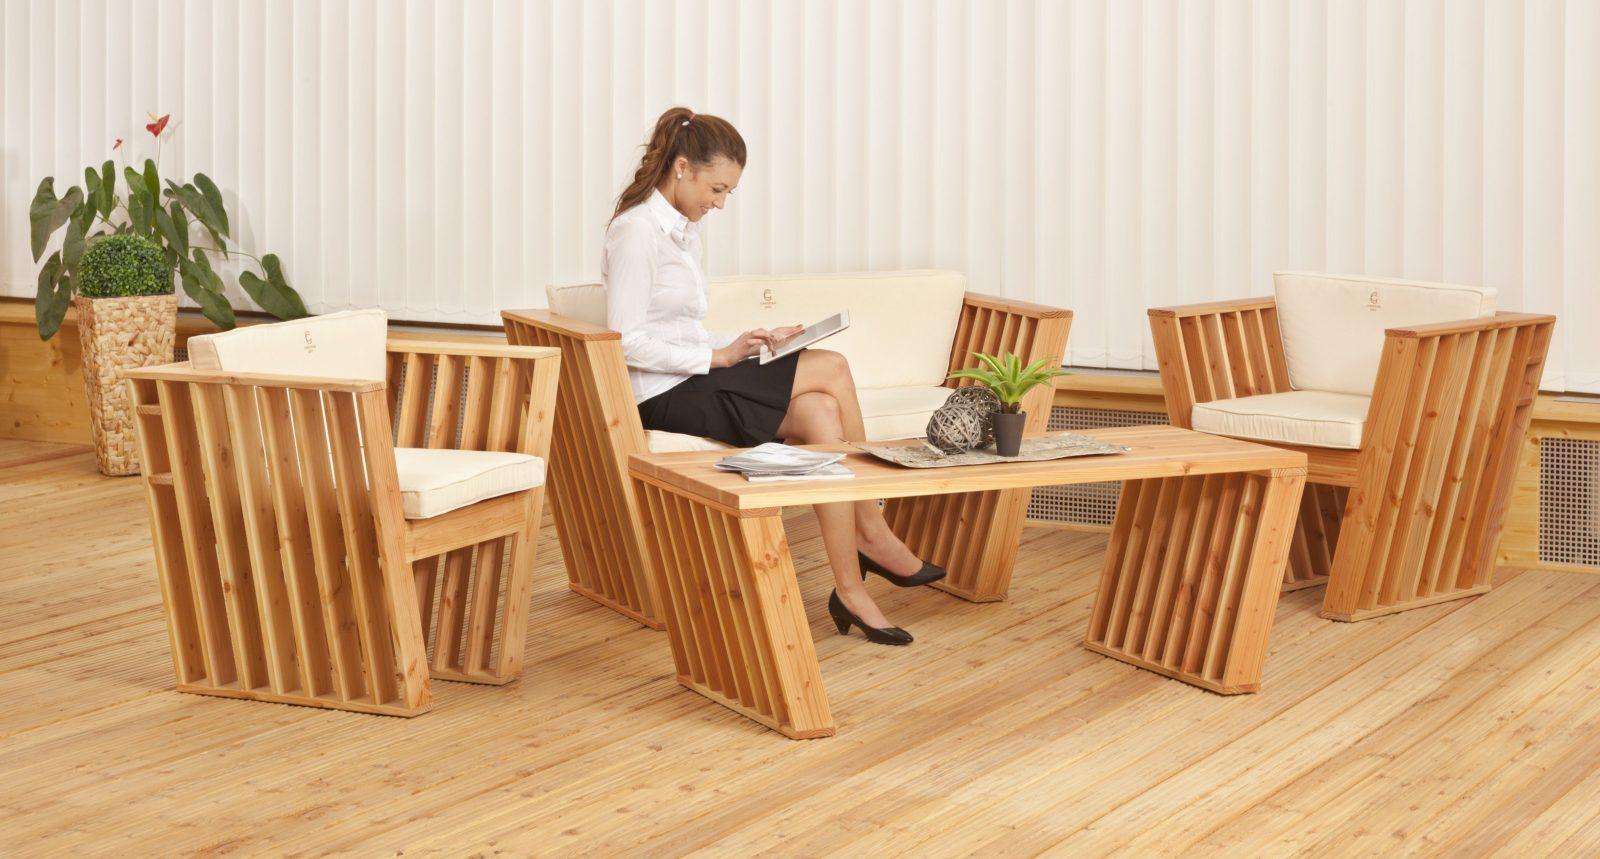 Gartenmobel Aus Holz Selber Bauen Siddhimind Info Avec Gartenmöbel von Holz Gartenmöbel Selber Bauen Bild